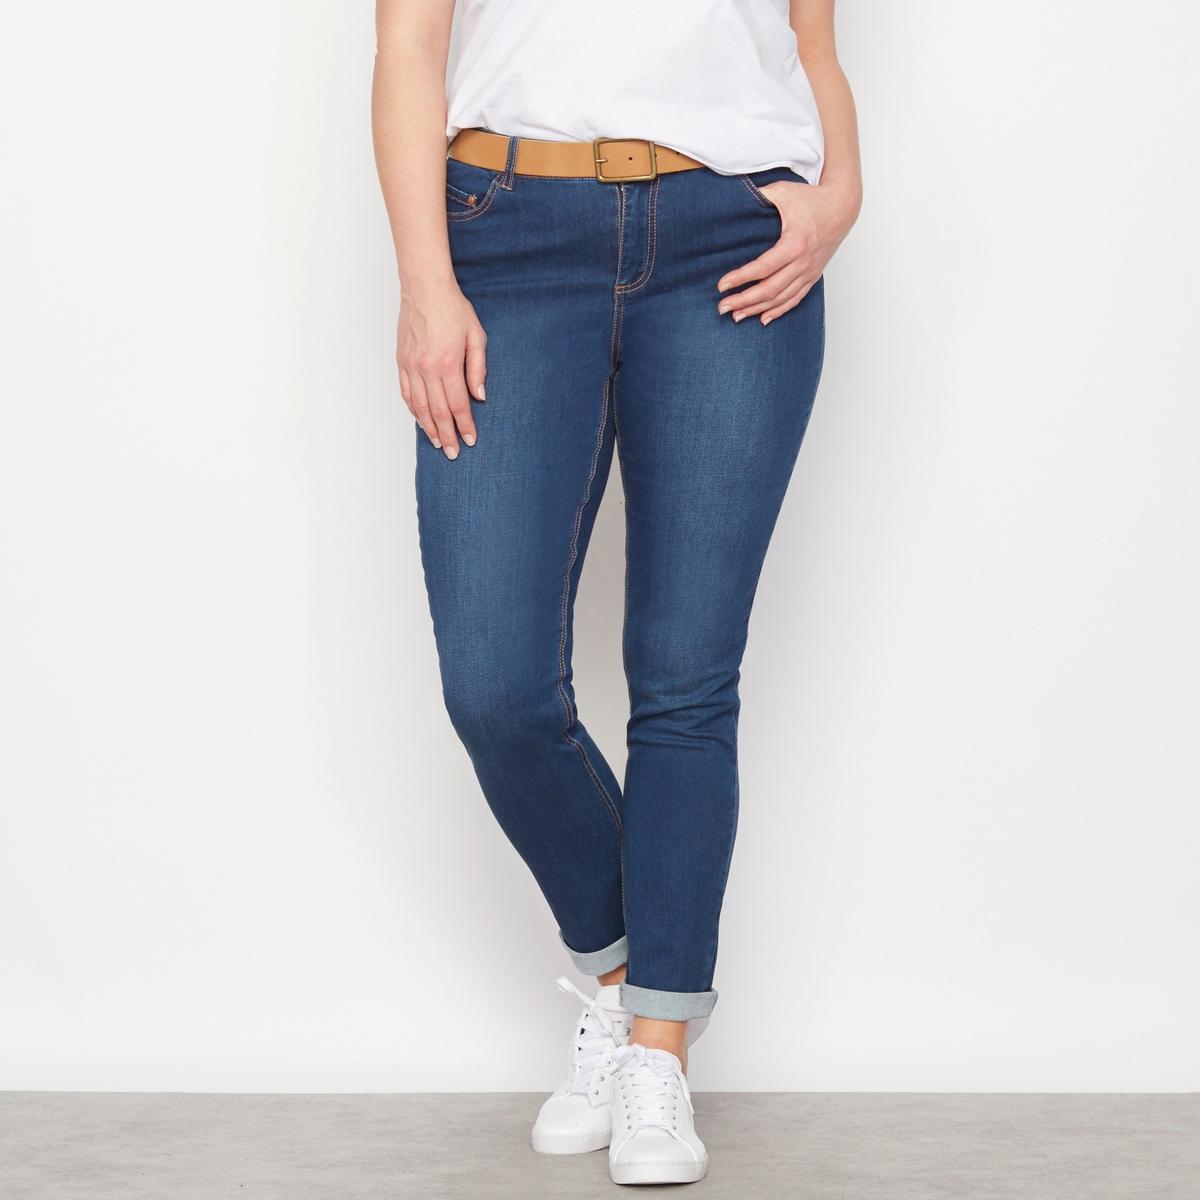 Джинсы Утончённый силуэт, длина по внутр. шву. 78 см.У вас небольшой рост, узкие бёдра и прямая фигура: эти джинсы буткат сами приспособятся к особенностям вашей фигуры, чтобы сделать вас неотразимой! Брючины заужены к низу. 5 карманов.Рост от  1м65 : длина по внутреннему шву 78 см, ширина по низу 15,5 см.<br><br>Цвет: голубой потертый,синий потертый,темно-синий,черный<br>Размер: 44 (FR) - 50 (RUS).56 (FR) - 62 (RUS).52 (FR) - 58 (RUS).48 (FR) - 54 (RUS).52 (FR) - 58 (RUS).58 (FR) - 64 (RUS).44 (FR) - 50 (RUS).46 (FR) - 52 (RUS).58 (FR) - 64 (RUS).46 (FR) - 52 (RUS).42 (FR) - 48 (RUS).52 (FR) - 58 (RUS).46 (FR) - 52 (RUS).54 (FR) - 60 (RUS).44 (FR) - 50 (RUS).58 (FR) - 64 (RUS).42 (FR) - 48 (RUS).56 (FR) - 62 (RUS).48 (FR) - 54 (RUS).44 (FR) - 50 (RUS).54 (FR) - 60 (RUS).50 (FR) - 56 (RUS).46 (FR) - 52 (RUS)